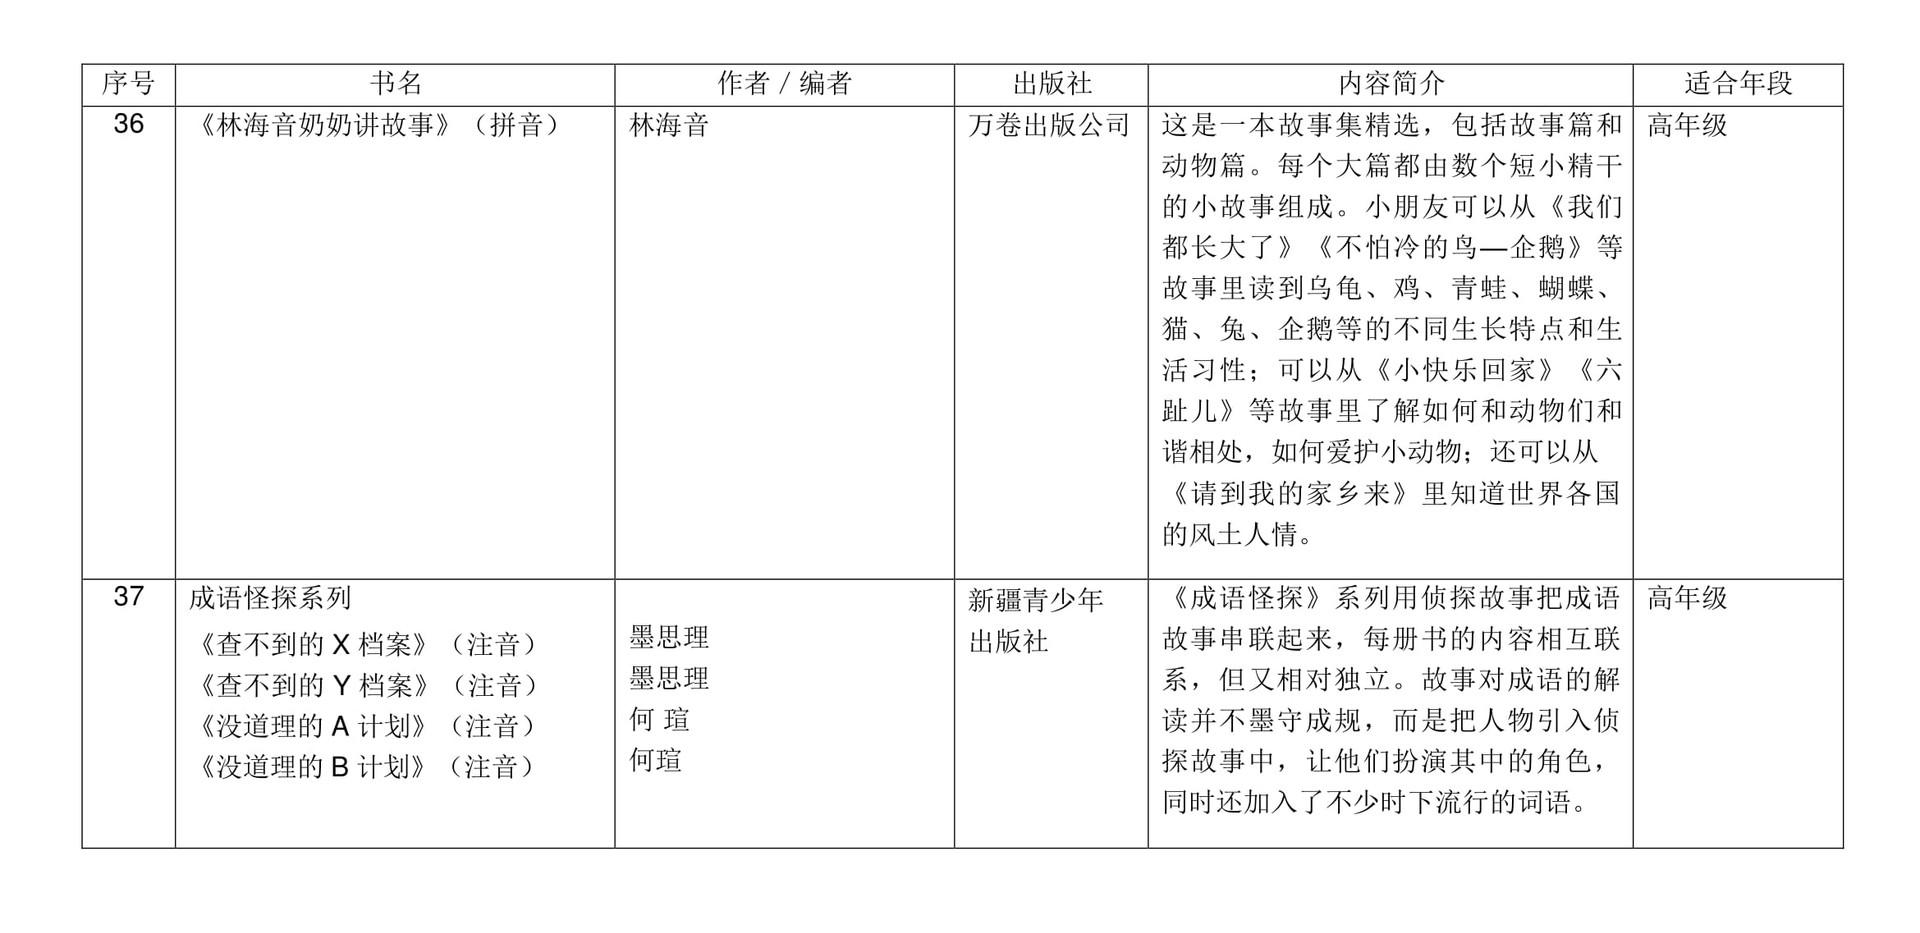 小学华文课外读物参考书目13.jpg